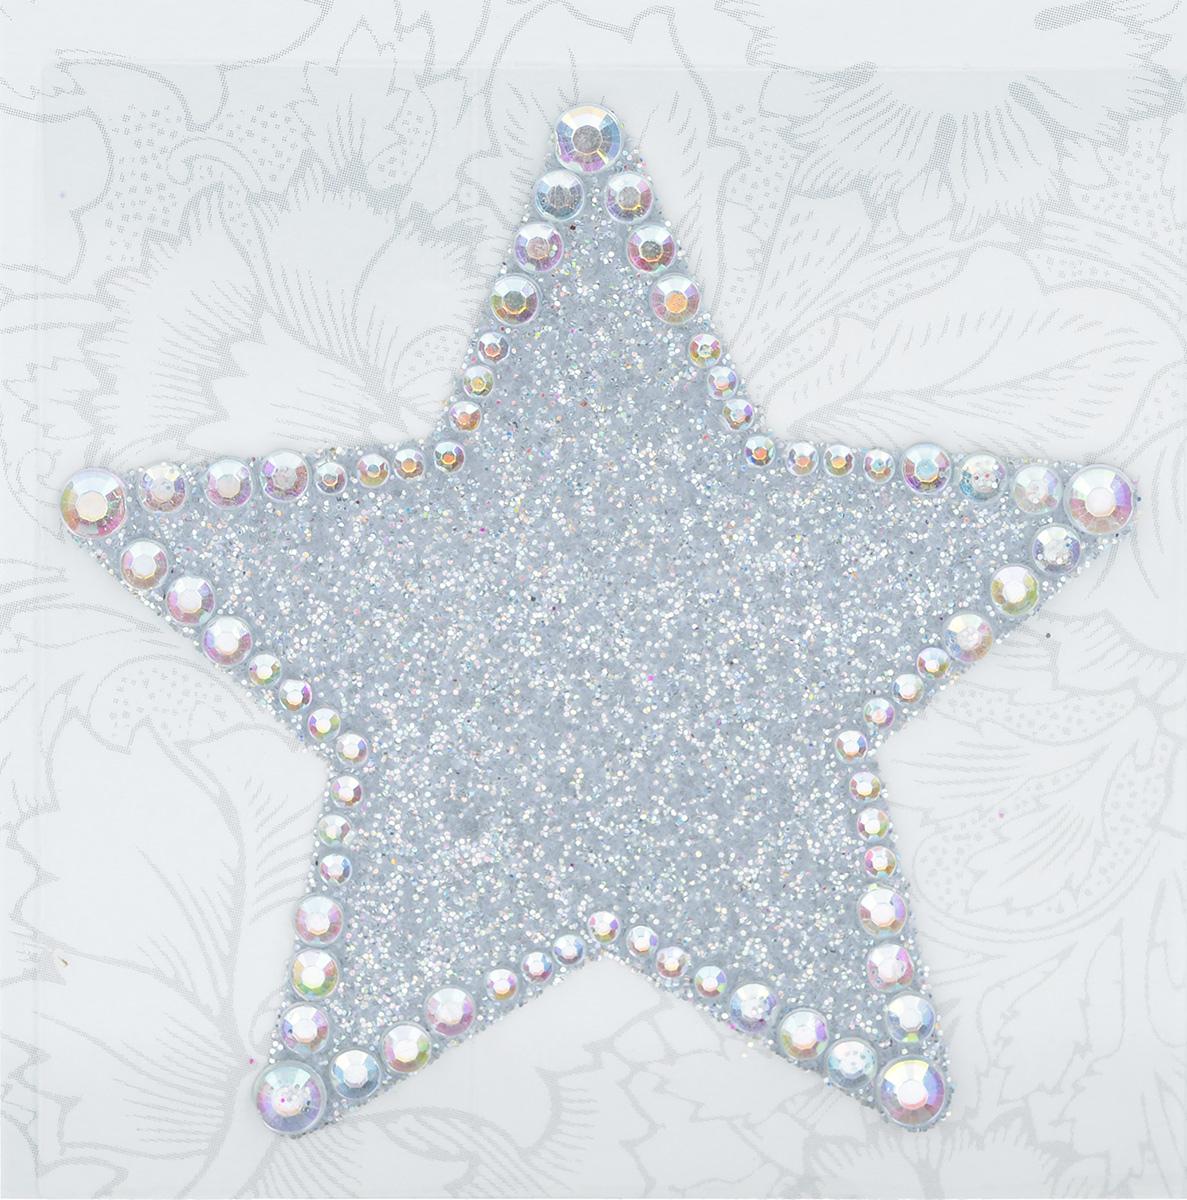 Наклейка декоративная Астра, 5,5 см х 5,7 см7708381_572628Декоративная наклейка Астра изготовлена из высококачественного акрила в виде звезды. Фигура украшена стразами и блестками. Изделие оснащено задней клейкой стороной. Такая наклейка подойдет для оформления одежды, бытовой техники, открыток, интерьера и многого другого. Декоративная наклейка поможет добавить оригинальности и эксклюзивности окружающих вас предметов и будет радовать глаз.